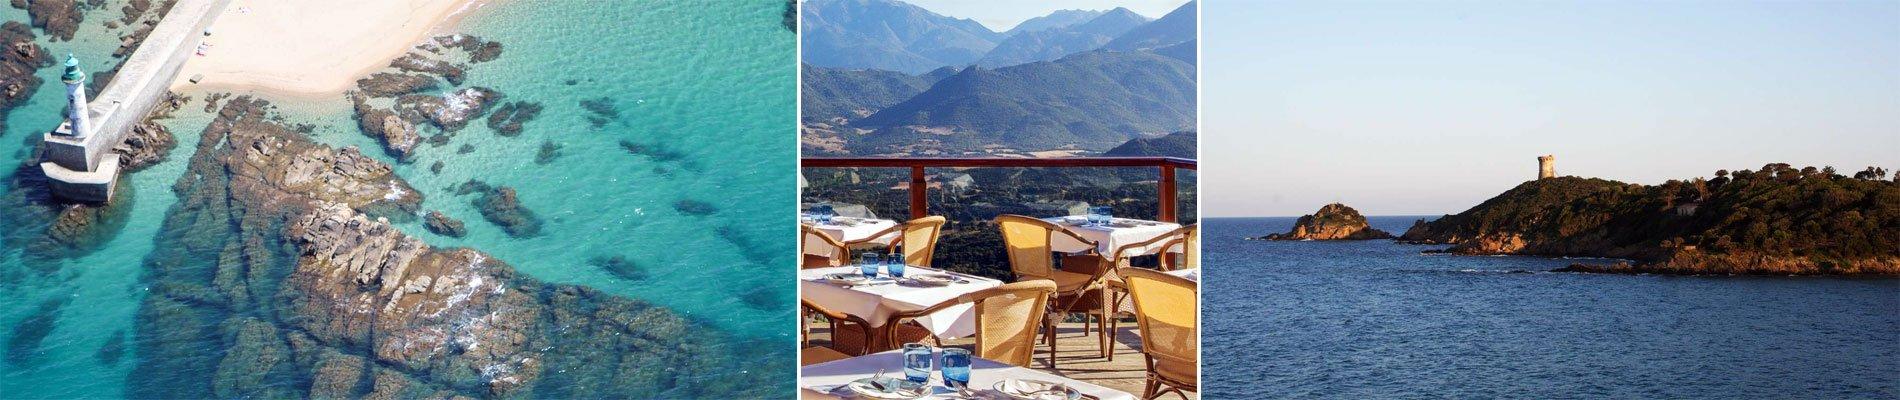 hotel-san-damianu-sartene-corsica-reizen-1900x400-007.jpg